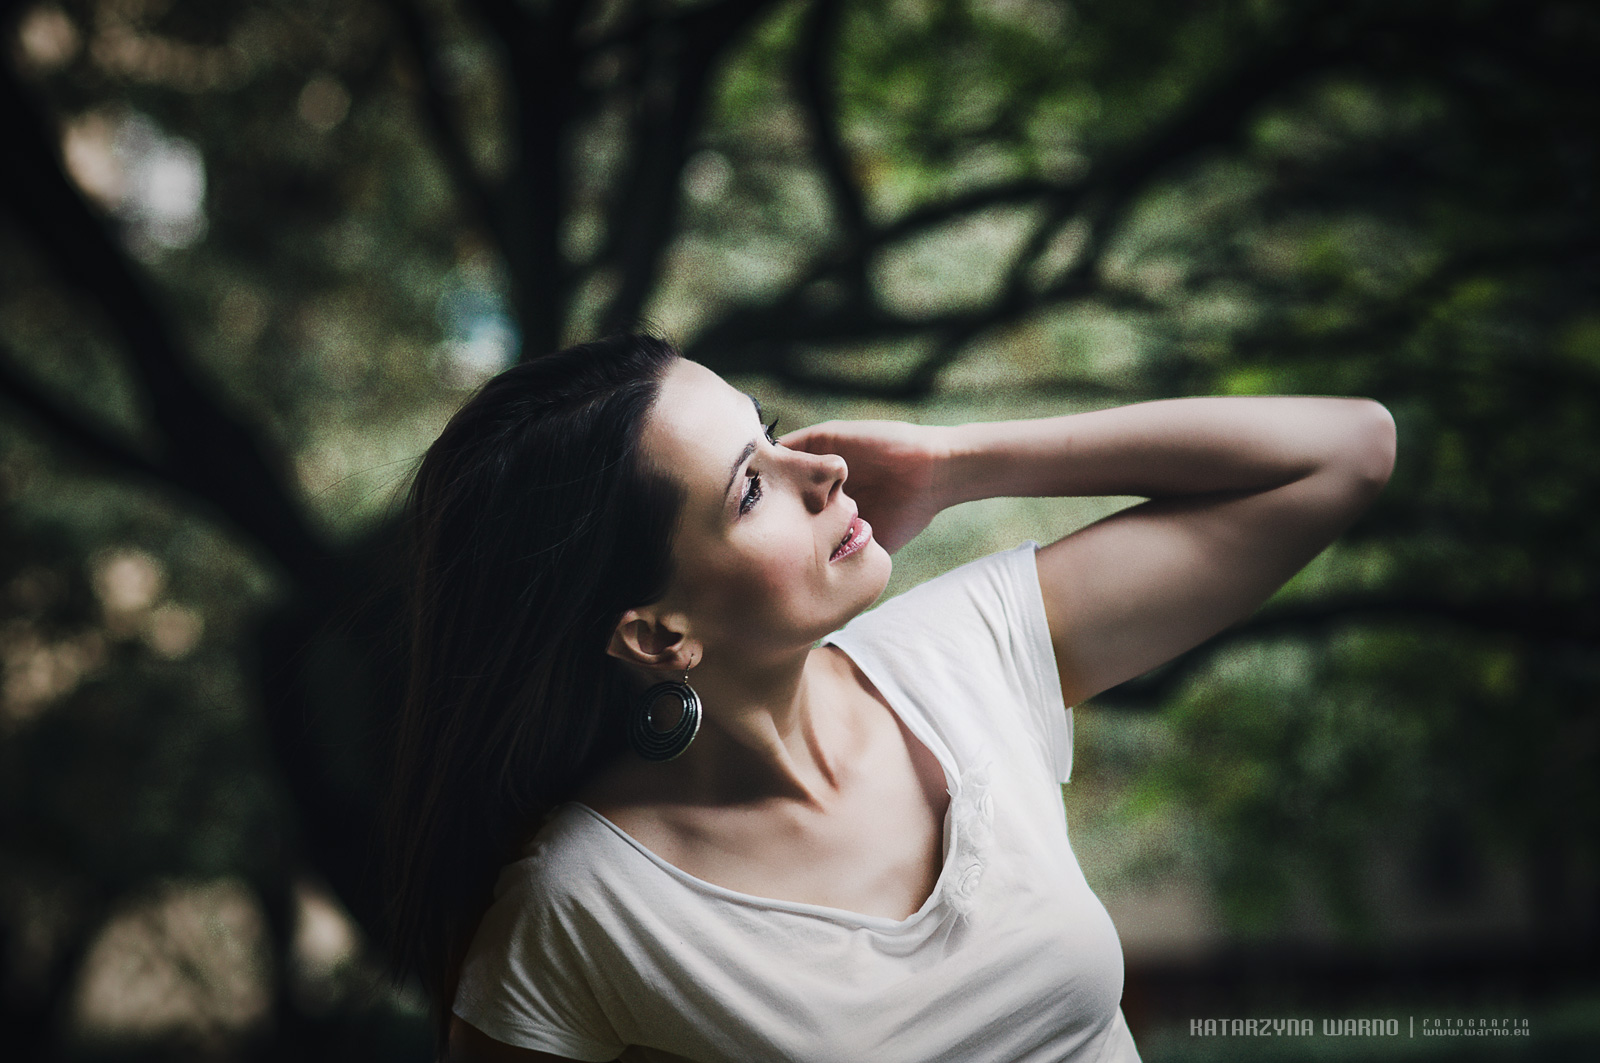 Paulina Kujawska | wokalistka |  fot. Katarzyna Warno